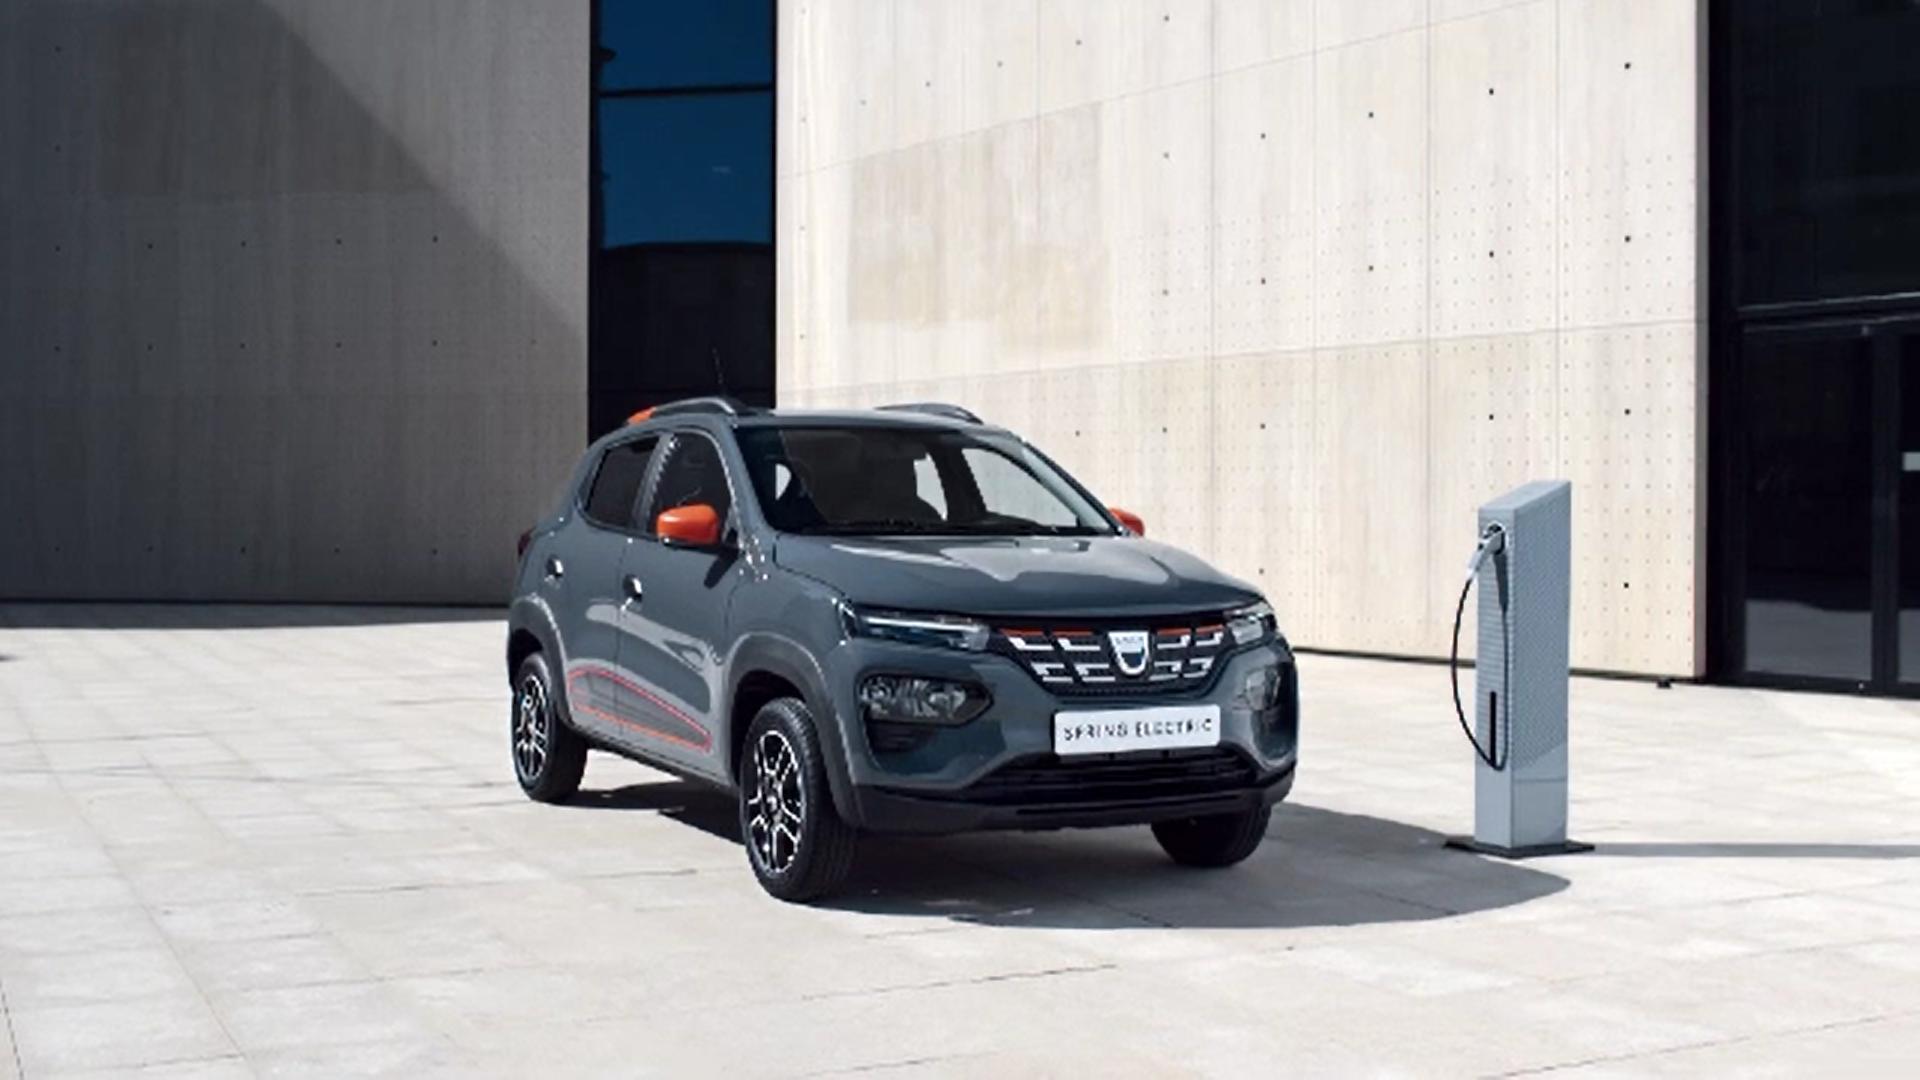 Prima Dacia electrică a fost prezentată la Paris. Cât va costa și ce autonomie are